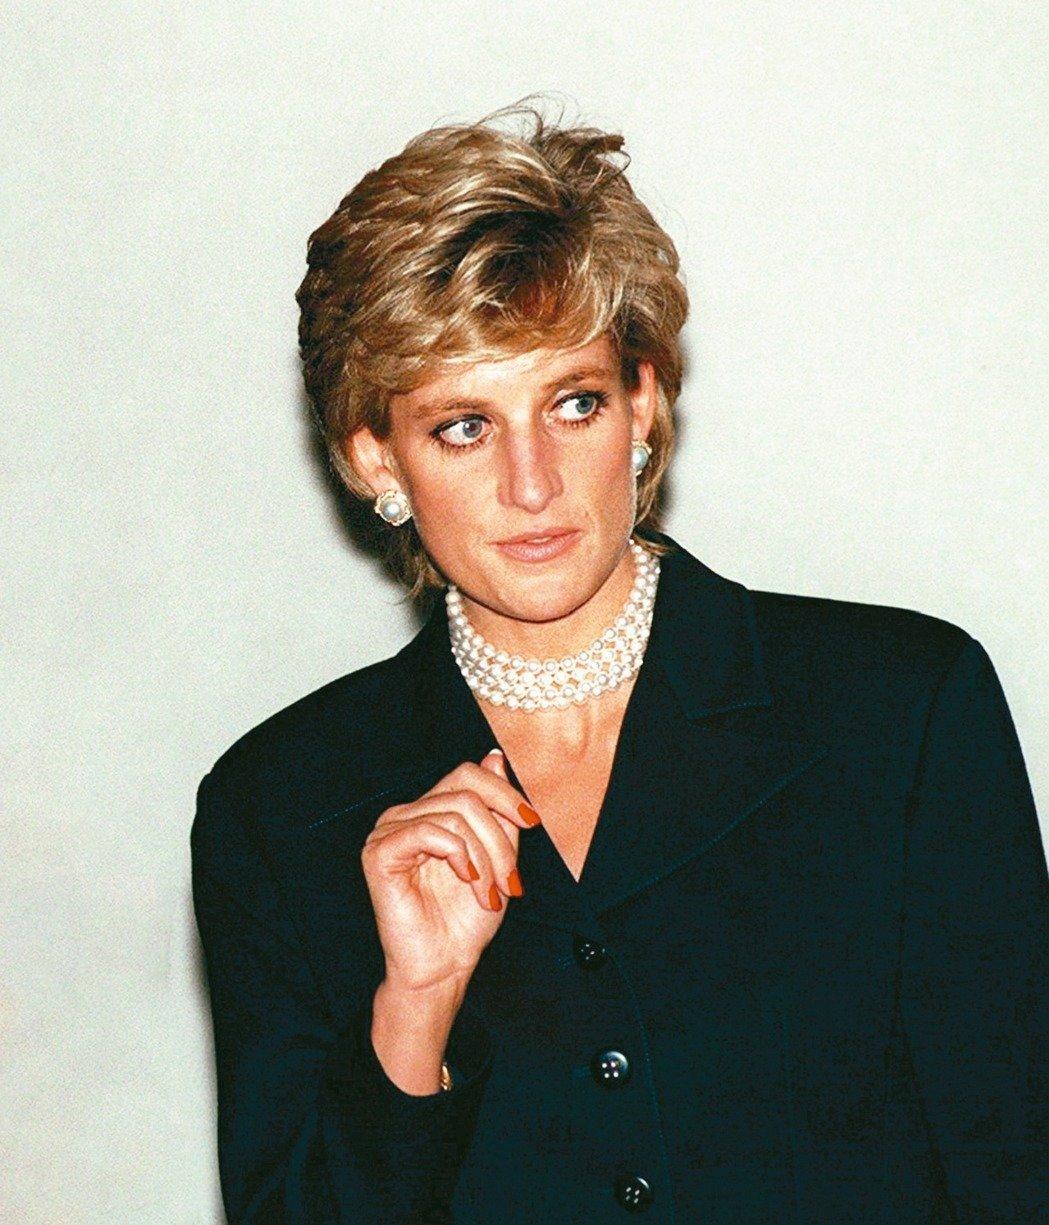 黛安娜王妃與查爾斯王子1996年離婚後,失去王室頭銜。圖/路透社